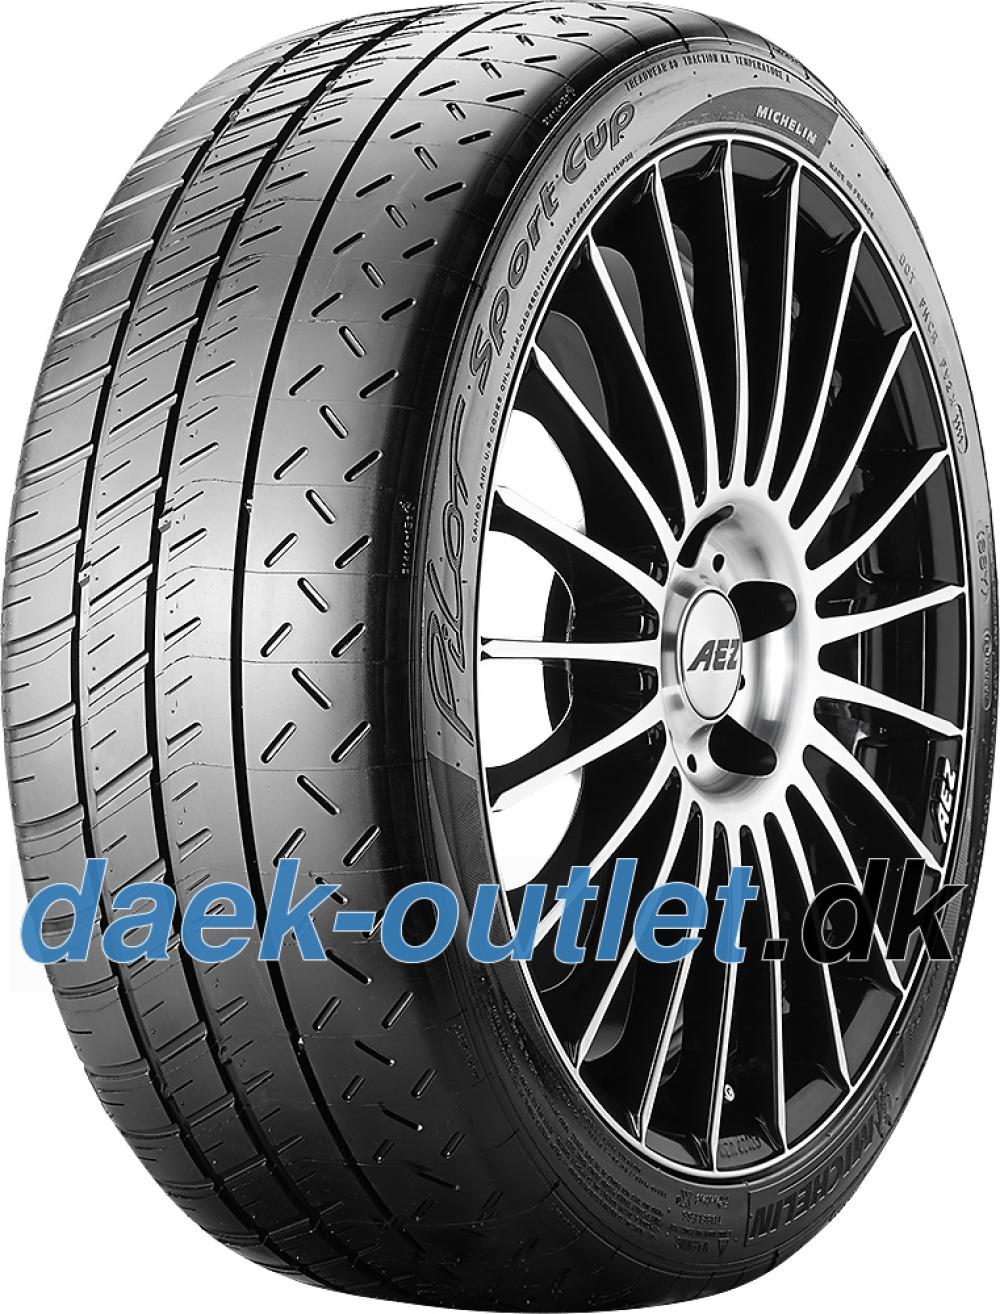 Michelin Pilot Sport Cup ( 295/30 ZR18 (94Y) med fælgbeskyttelses liste (FSL) )